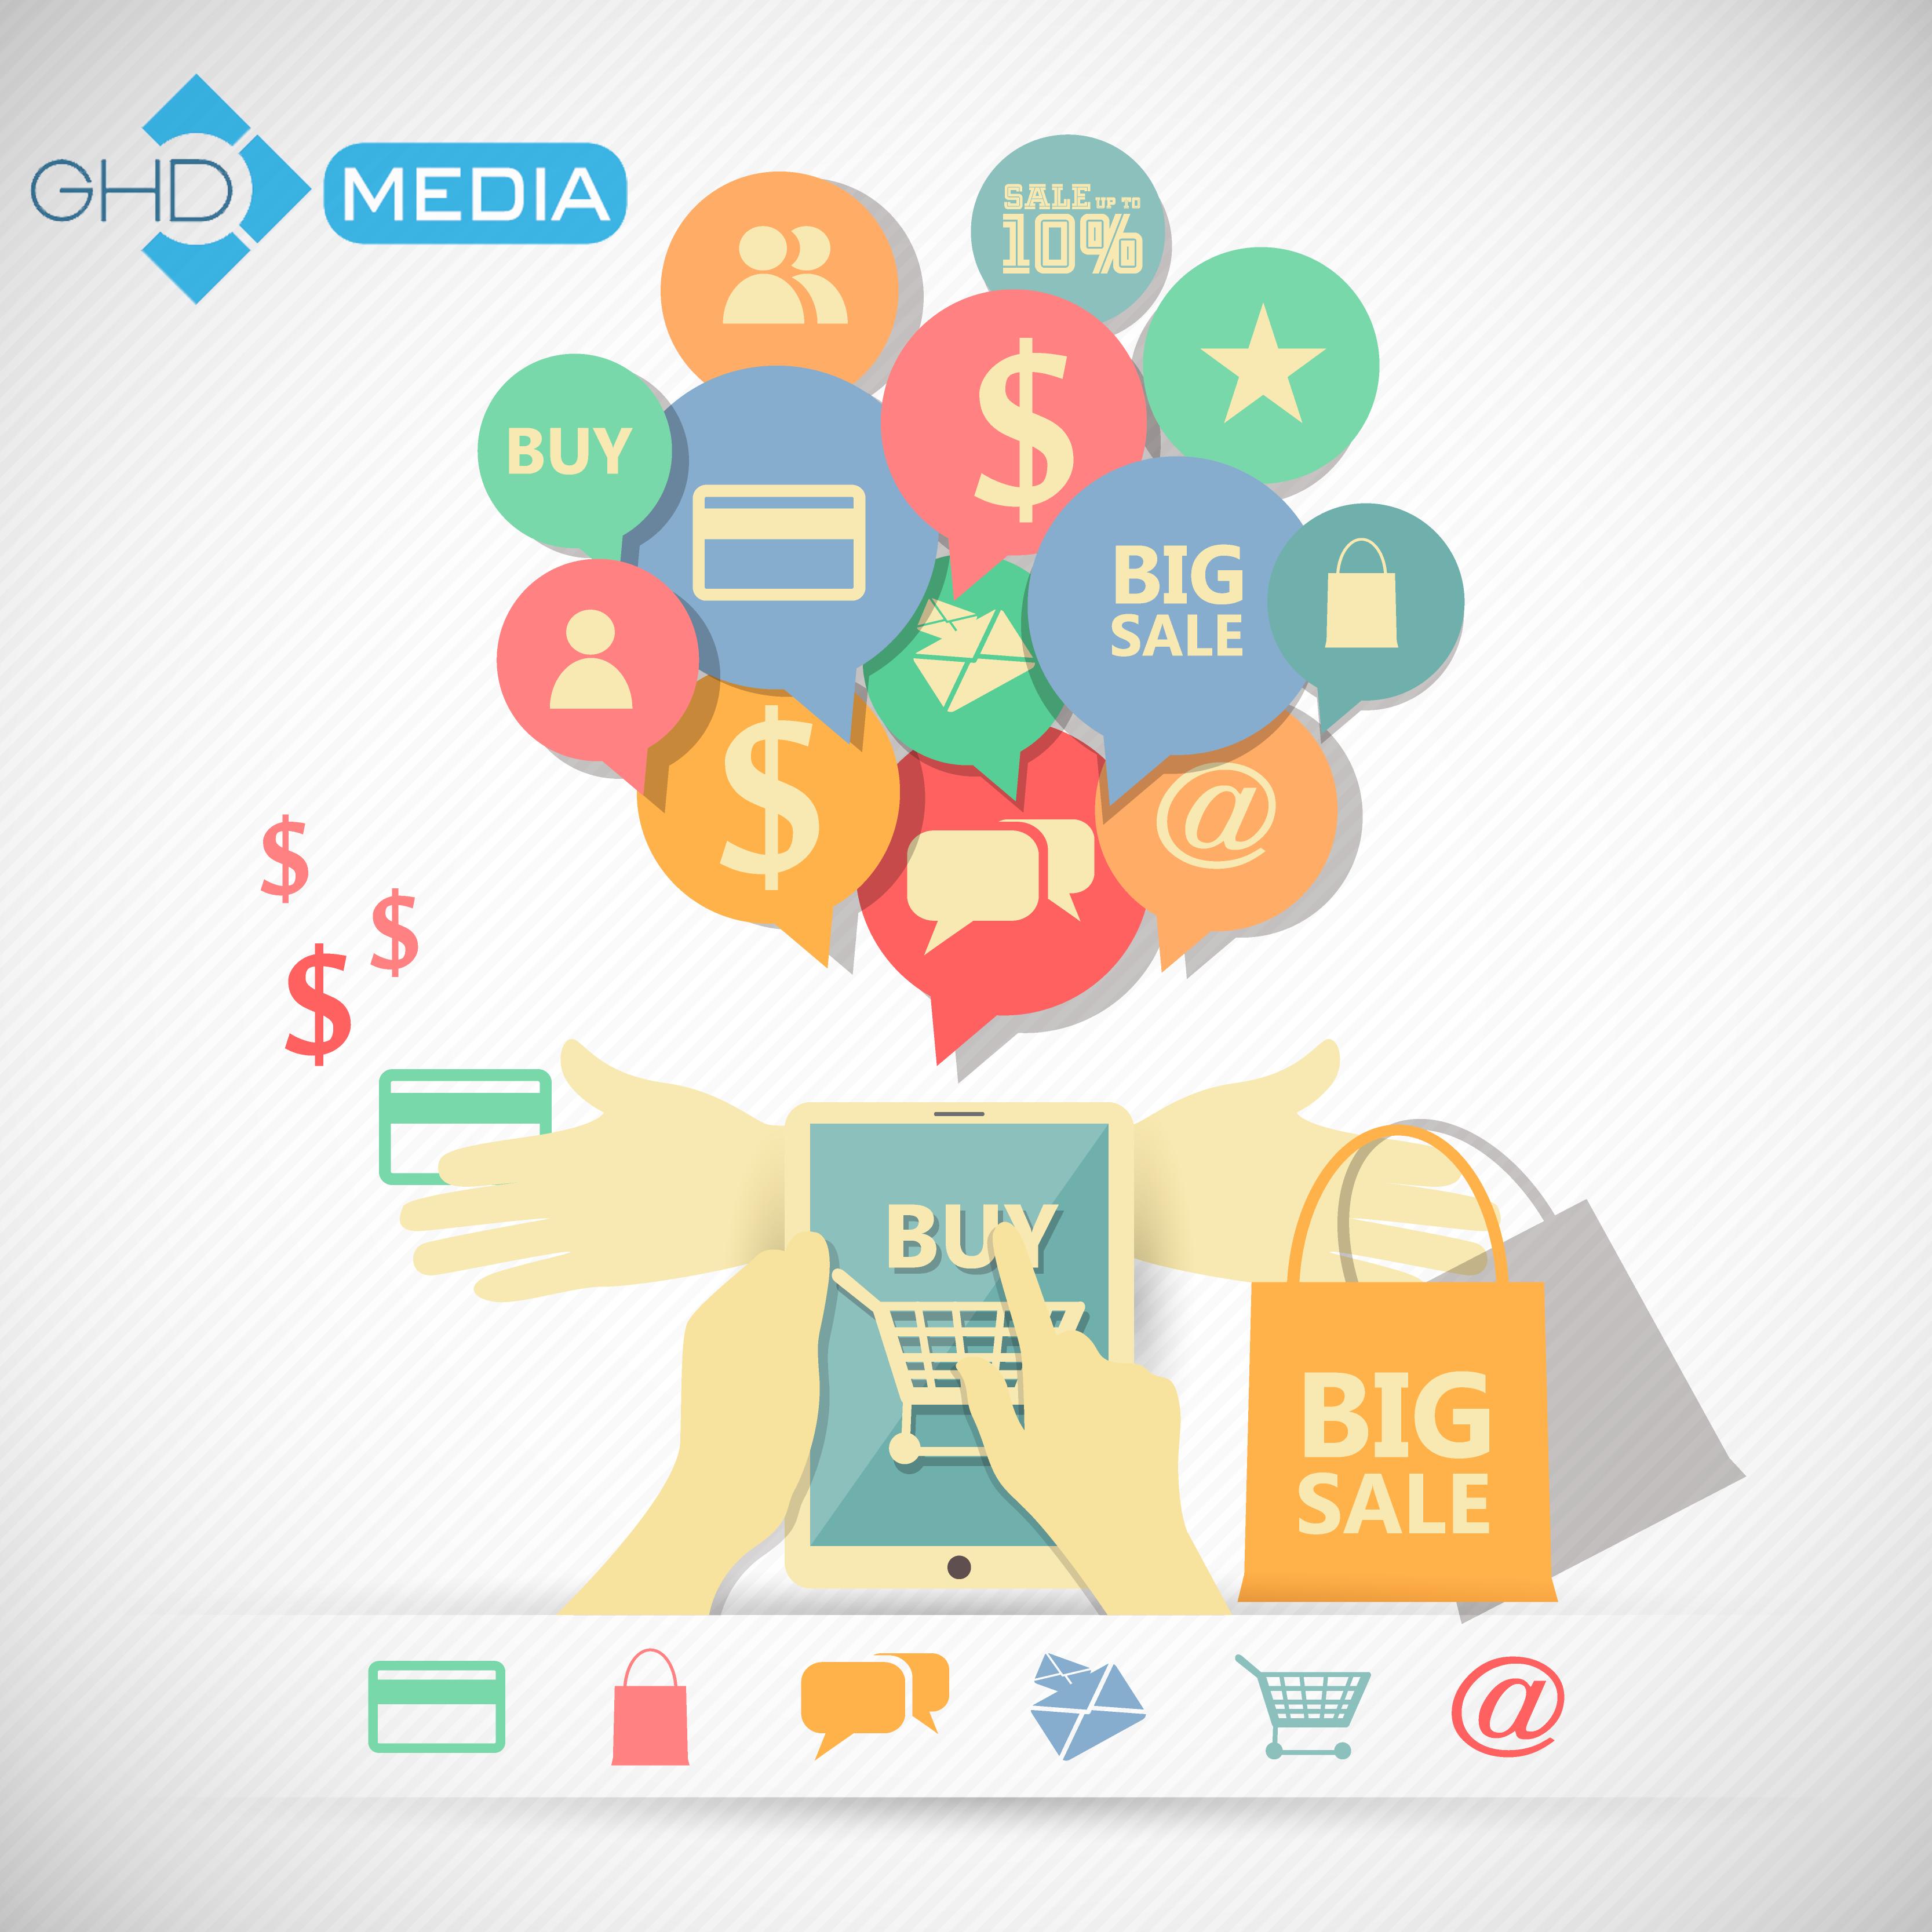 SMS Brand Name - Dịch vụ tin nhắn SMS thương hiệu cho doanh nghiệp 2020